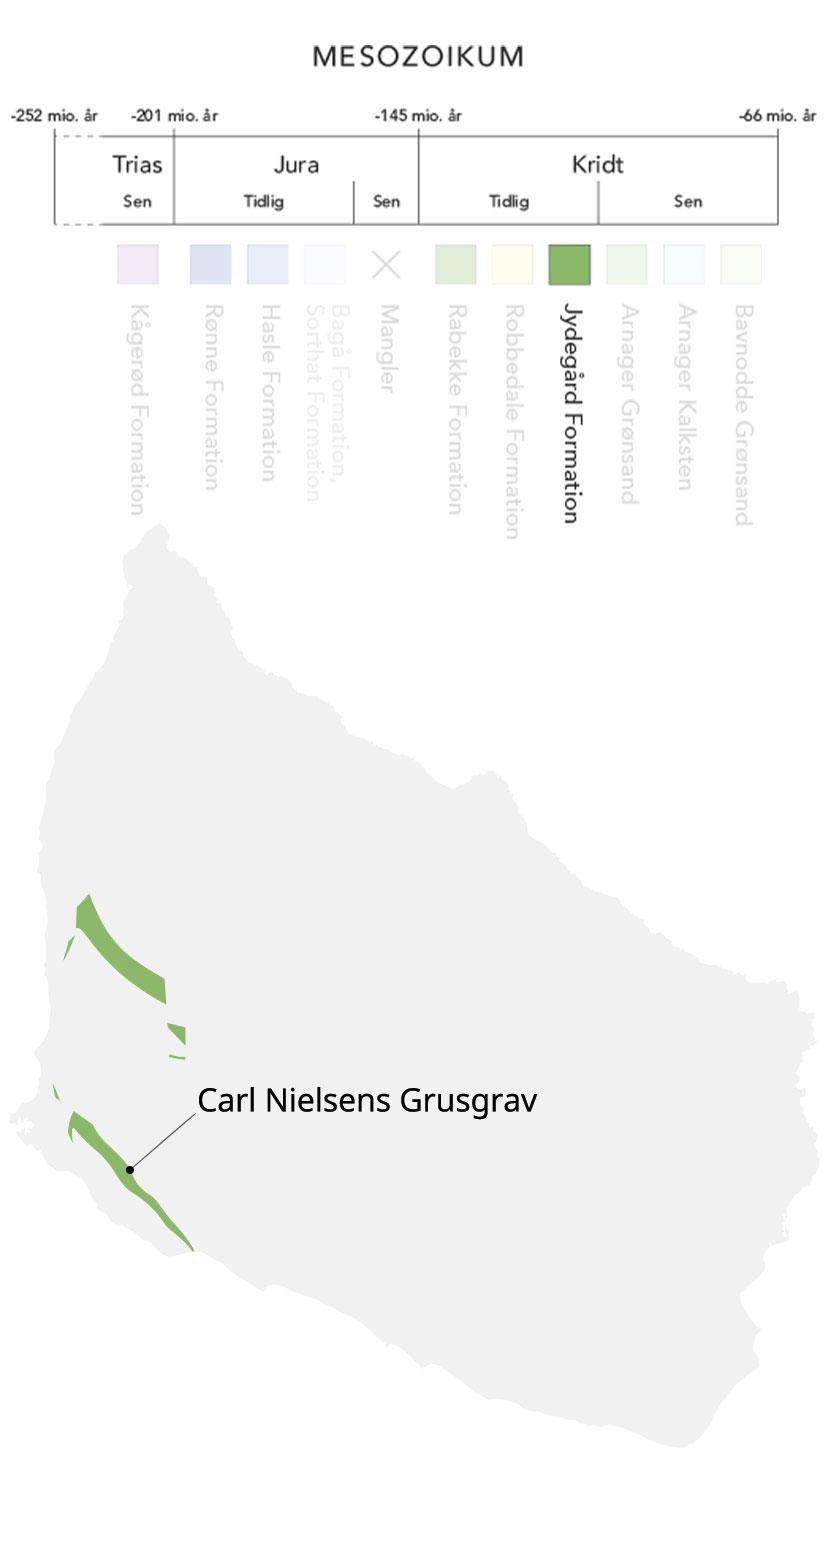 Kort over Bornholm og Jydegård formation